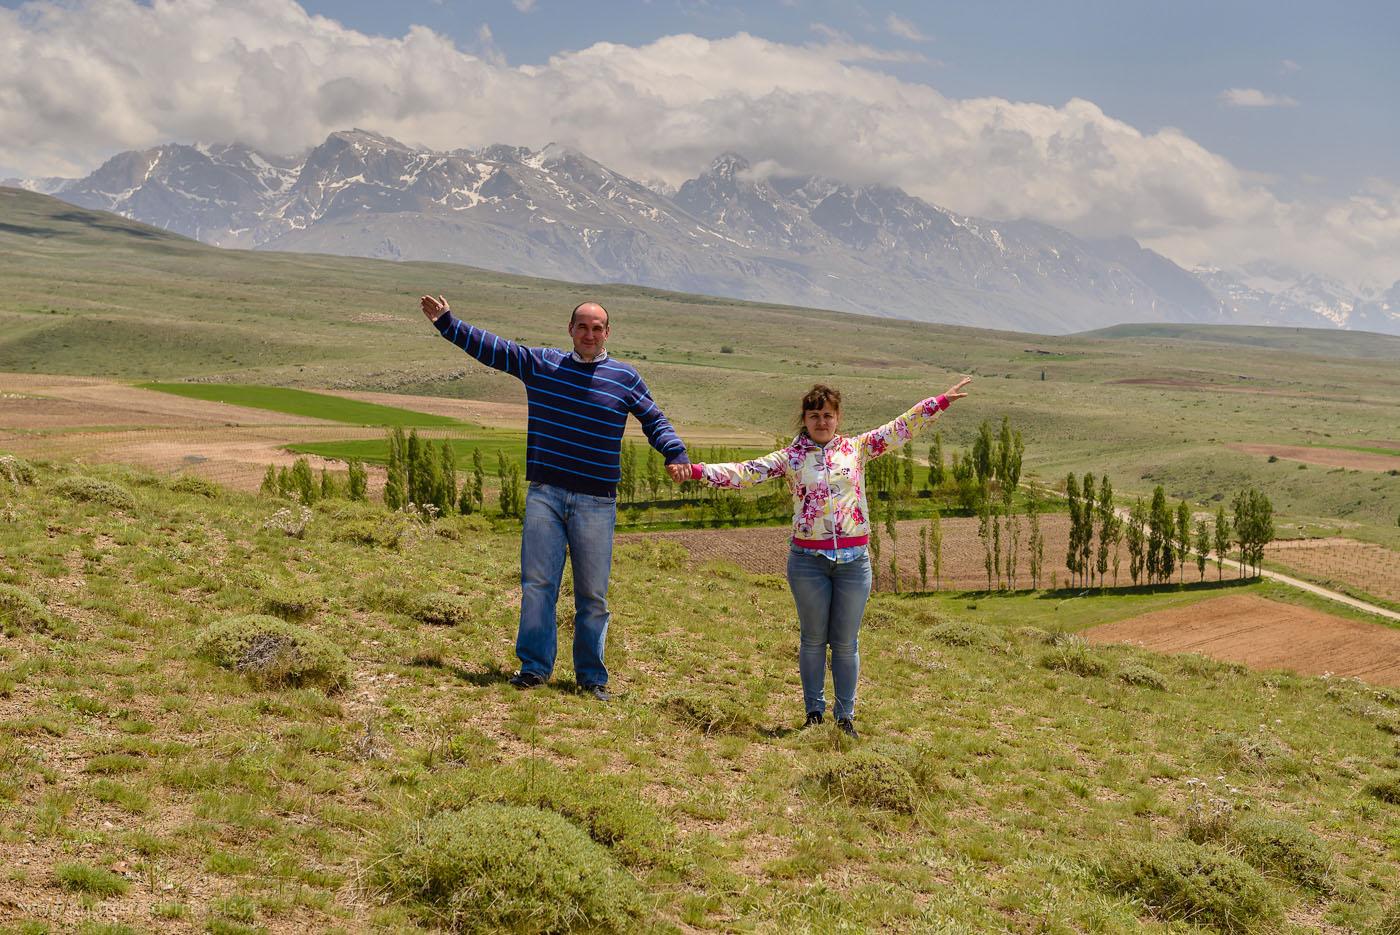 Фото 20. Чтобы снять это фото, нам пришлось свернуть в кишлак в горах, оставить машину внизу и забраться на высокий холм. 1/125, 8.0, 100, 58.